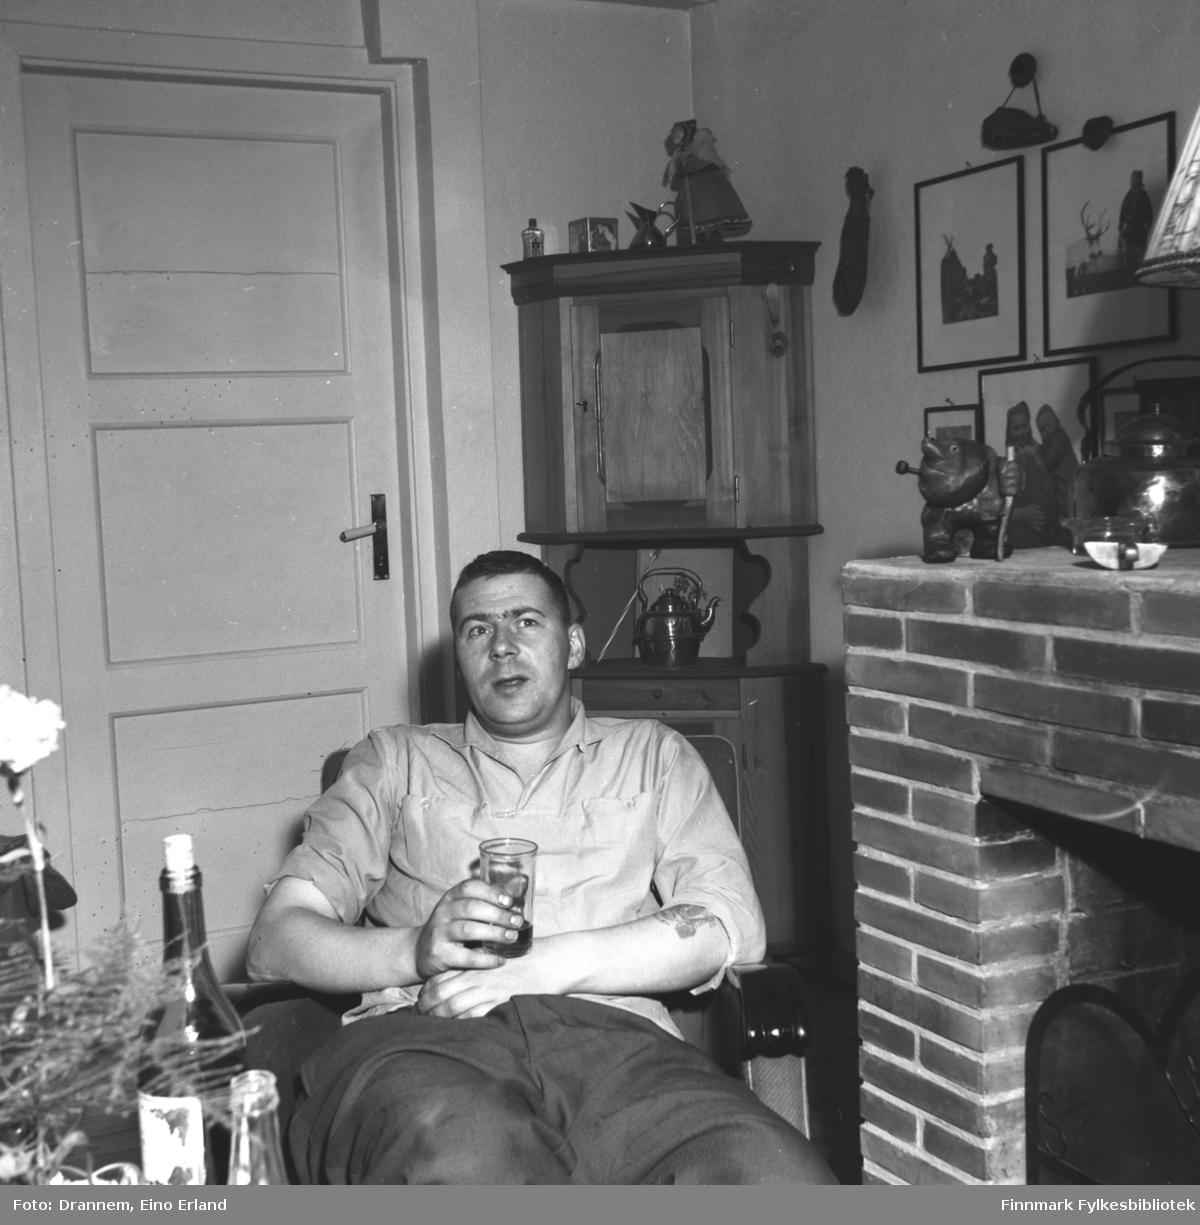 En mann sitter i en lenestol glass i hånden